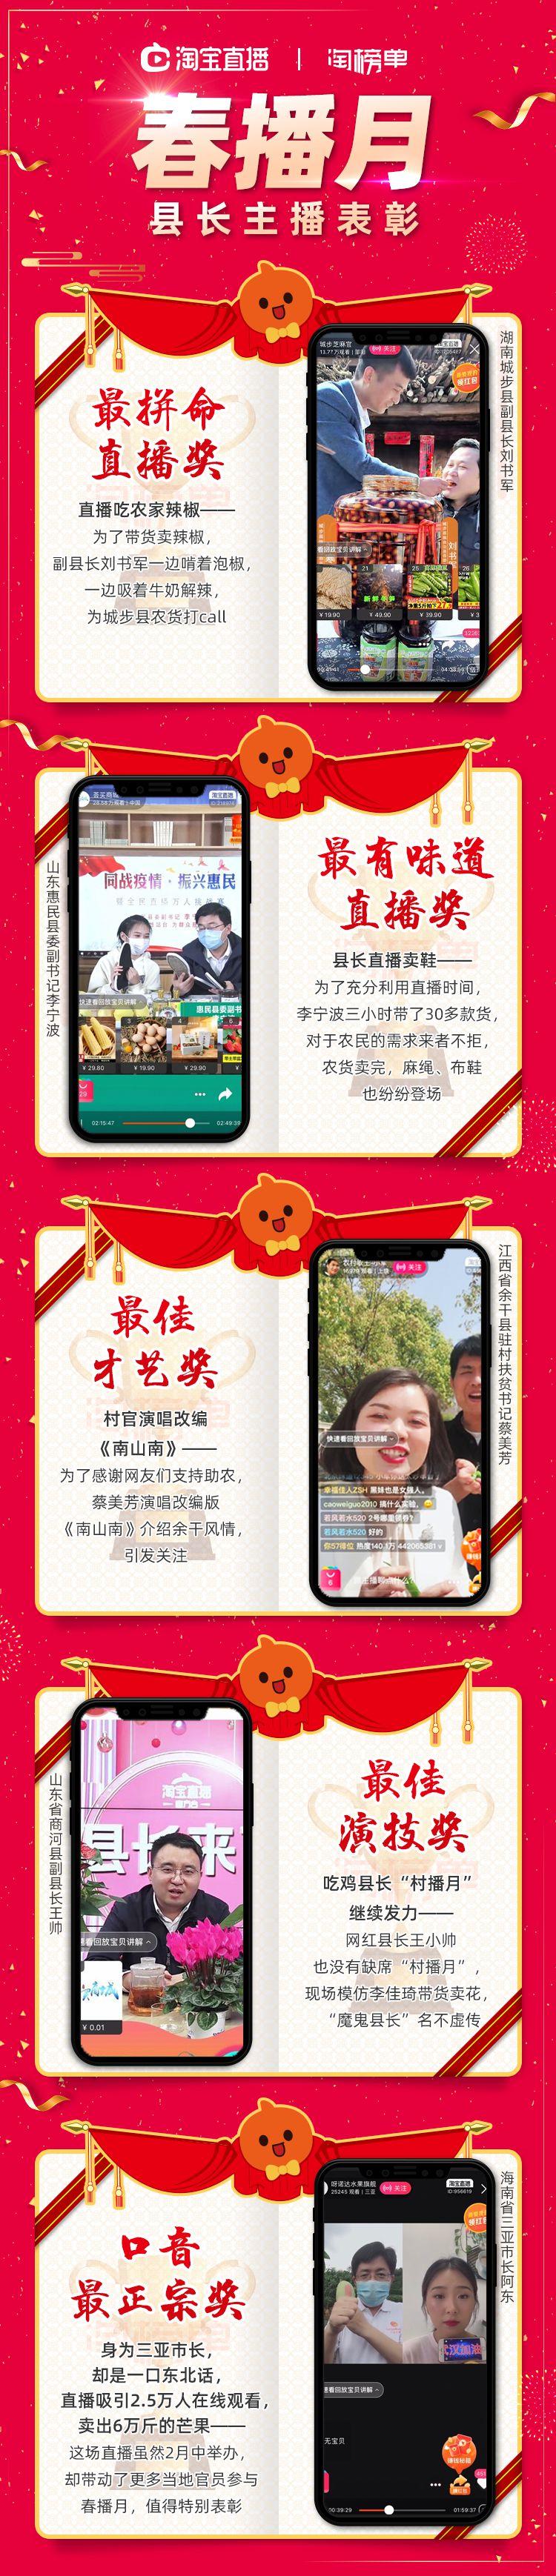 """淘宝发布""""春播月""""县长主播表彰榜单:五位官员入选_零售_电商报"""